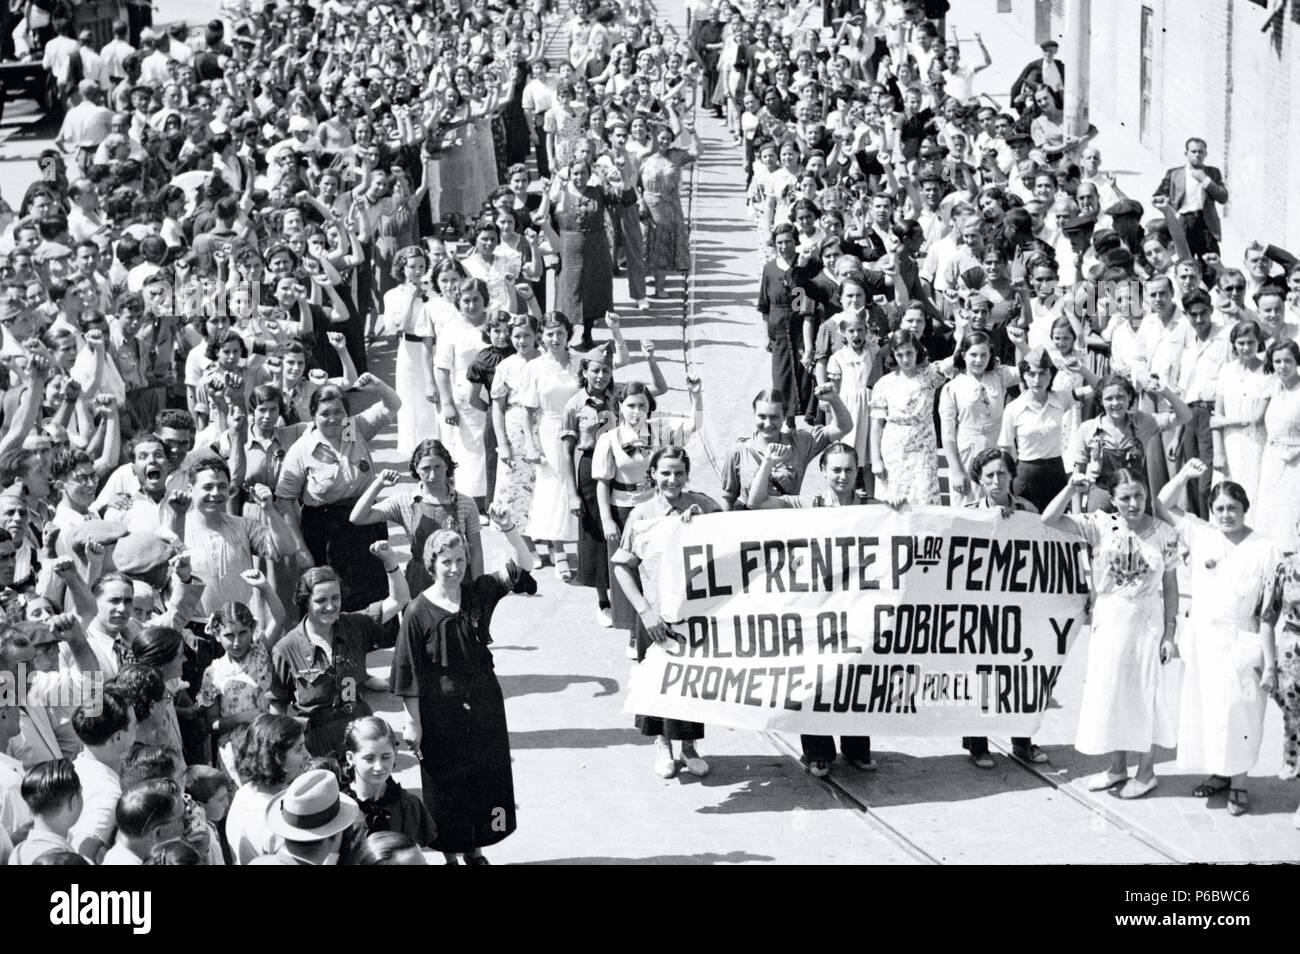 Lujoso Mujeres De La Guerra Civil Para Colorear Adorno - Ideas Para ...